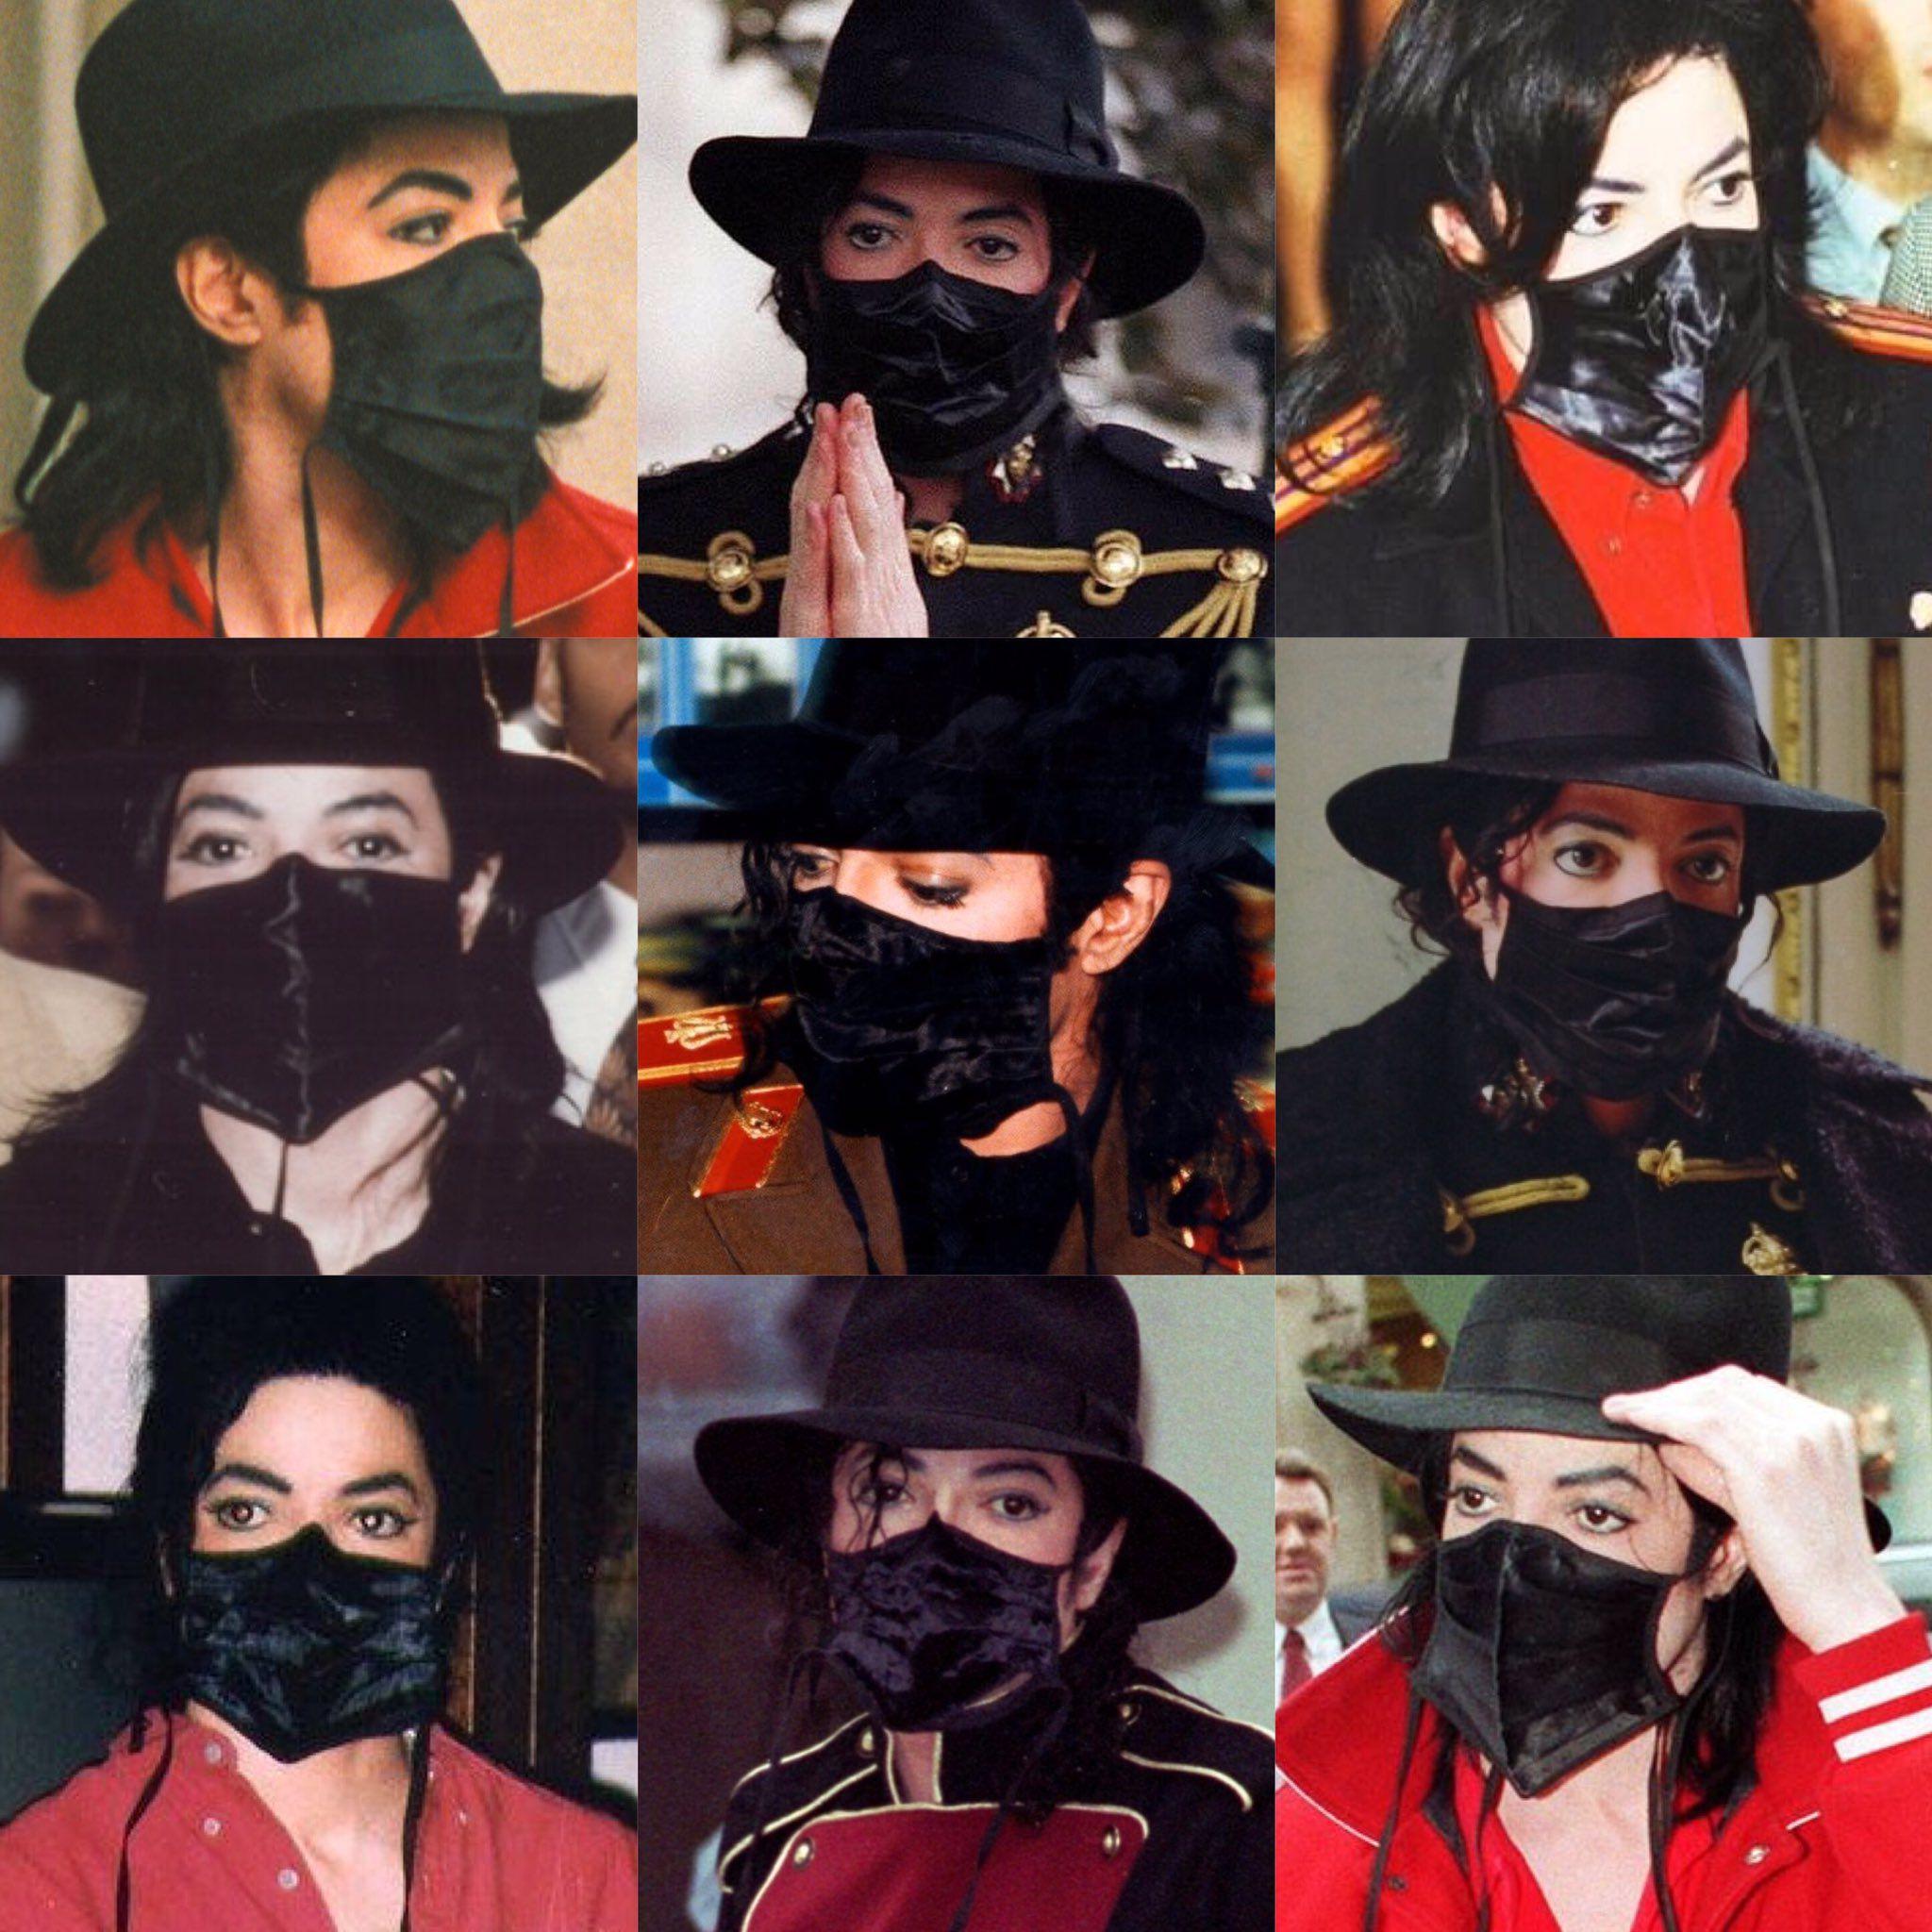 """El rey del pop era entusiasta de las mascarillas antes de que """"se pusiera de moda"""" (Foto: Twitter @bluexgangsta)"""